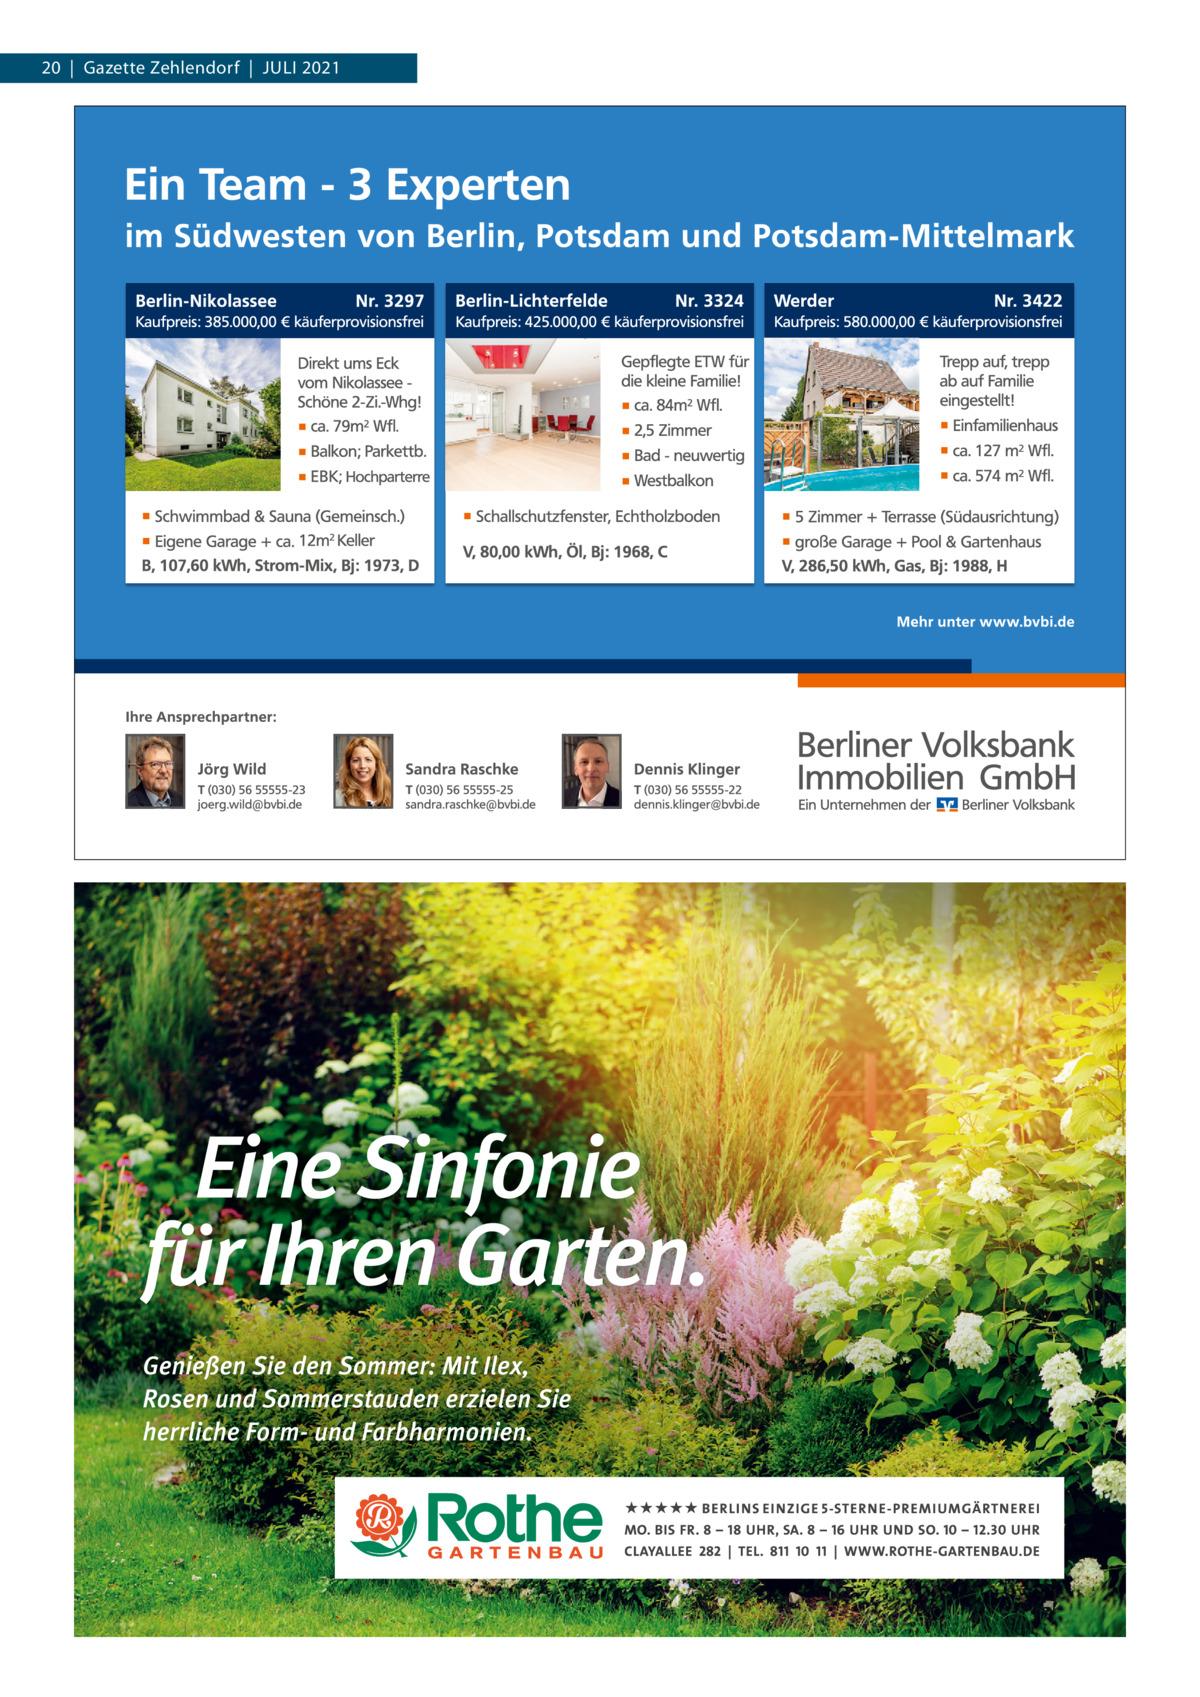 20|Gazette Zehlendorf|Juli 2021